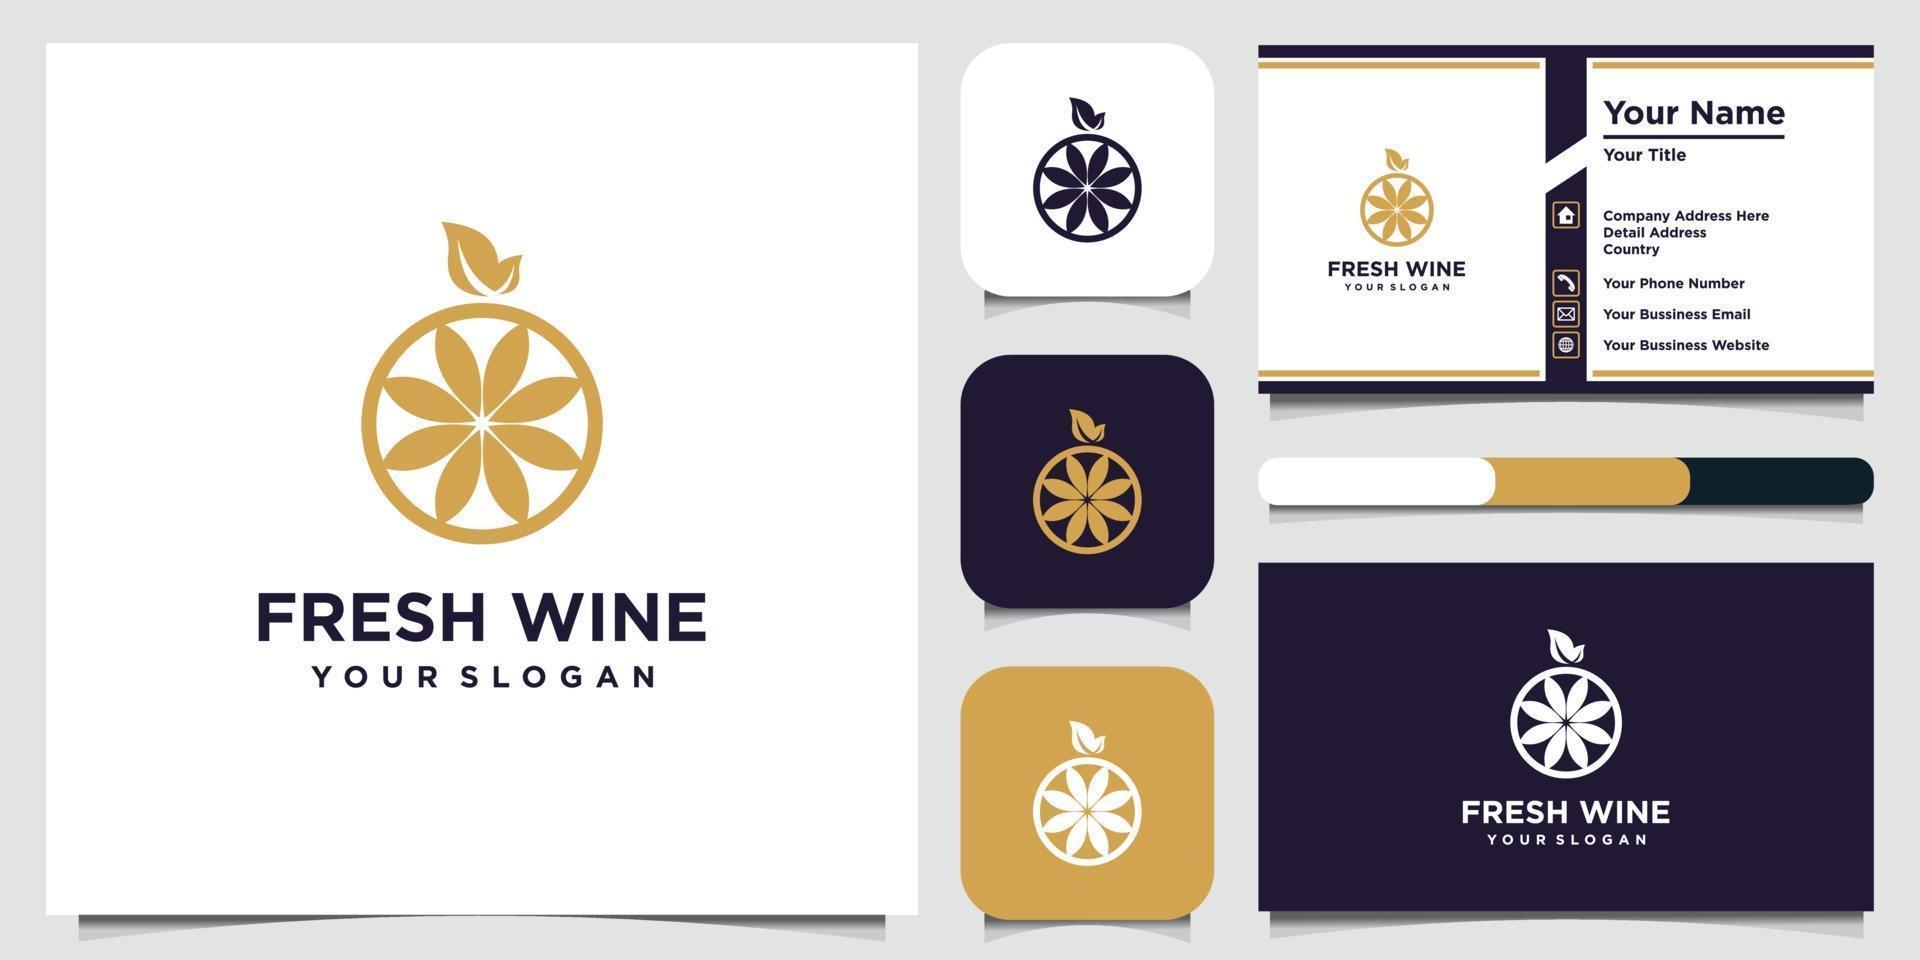 icona di stile piatto di alta qualità illustrazione di uva e biglietto da visita vettore